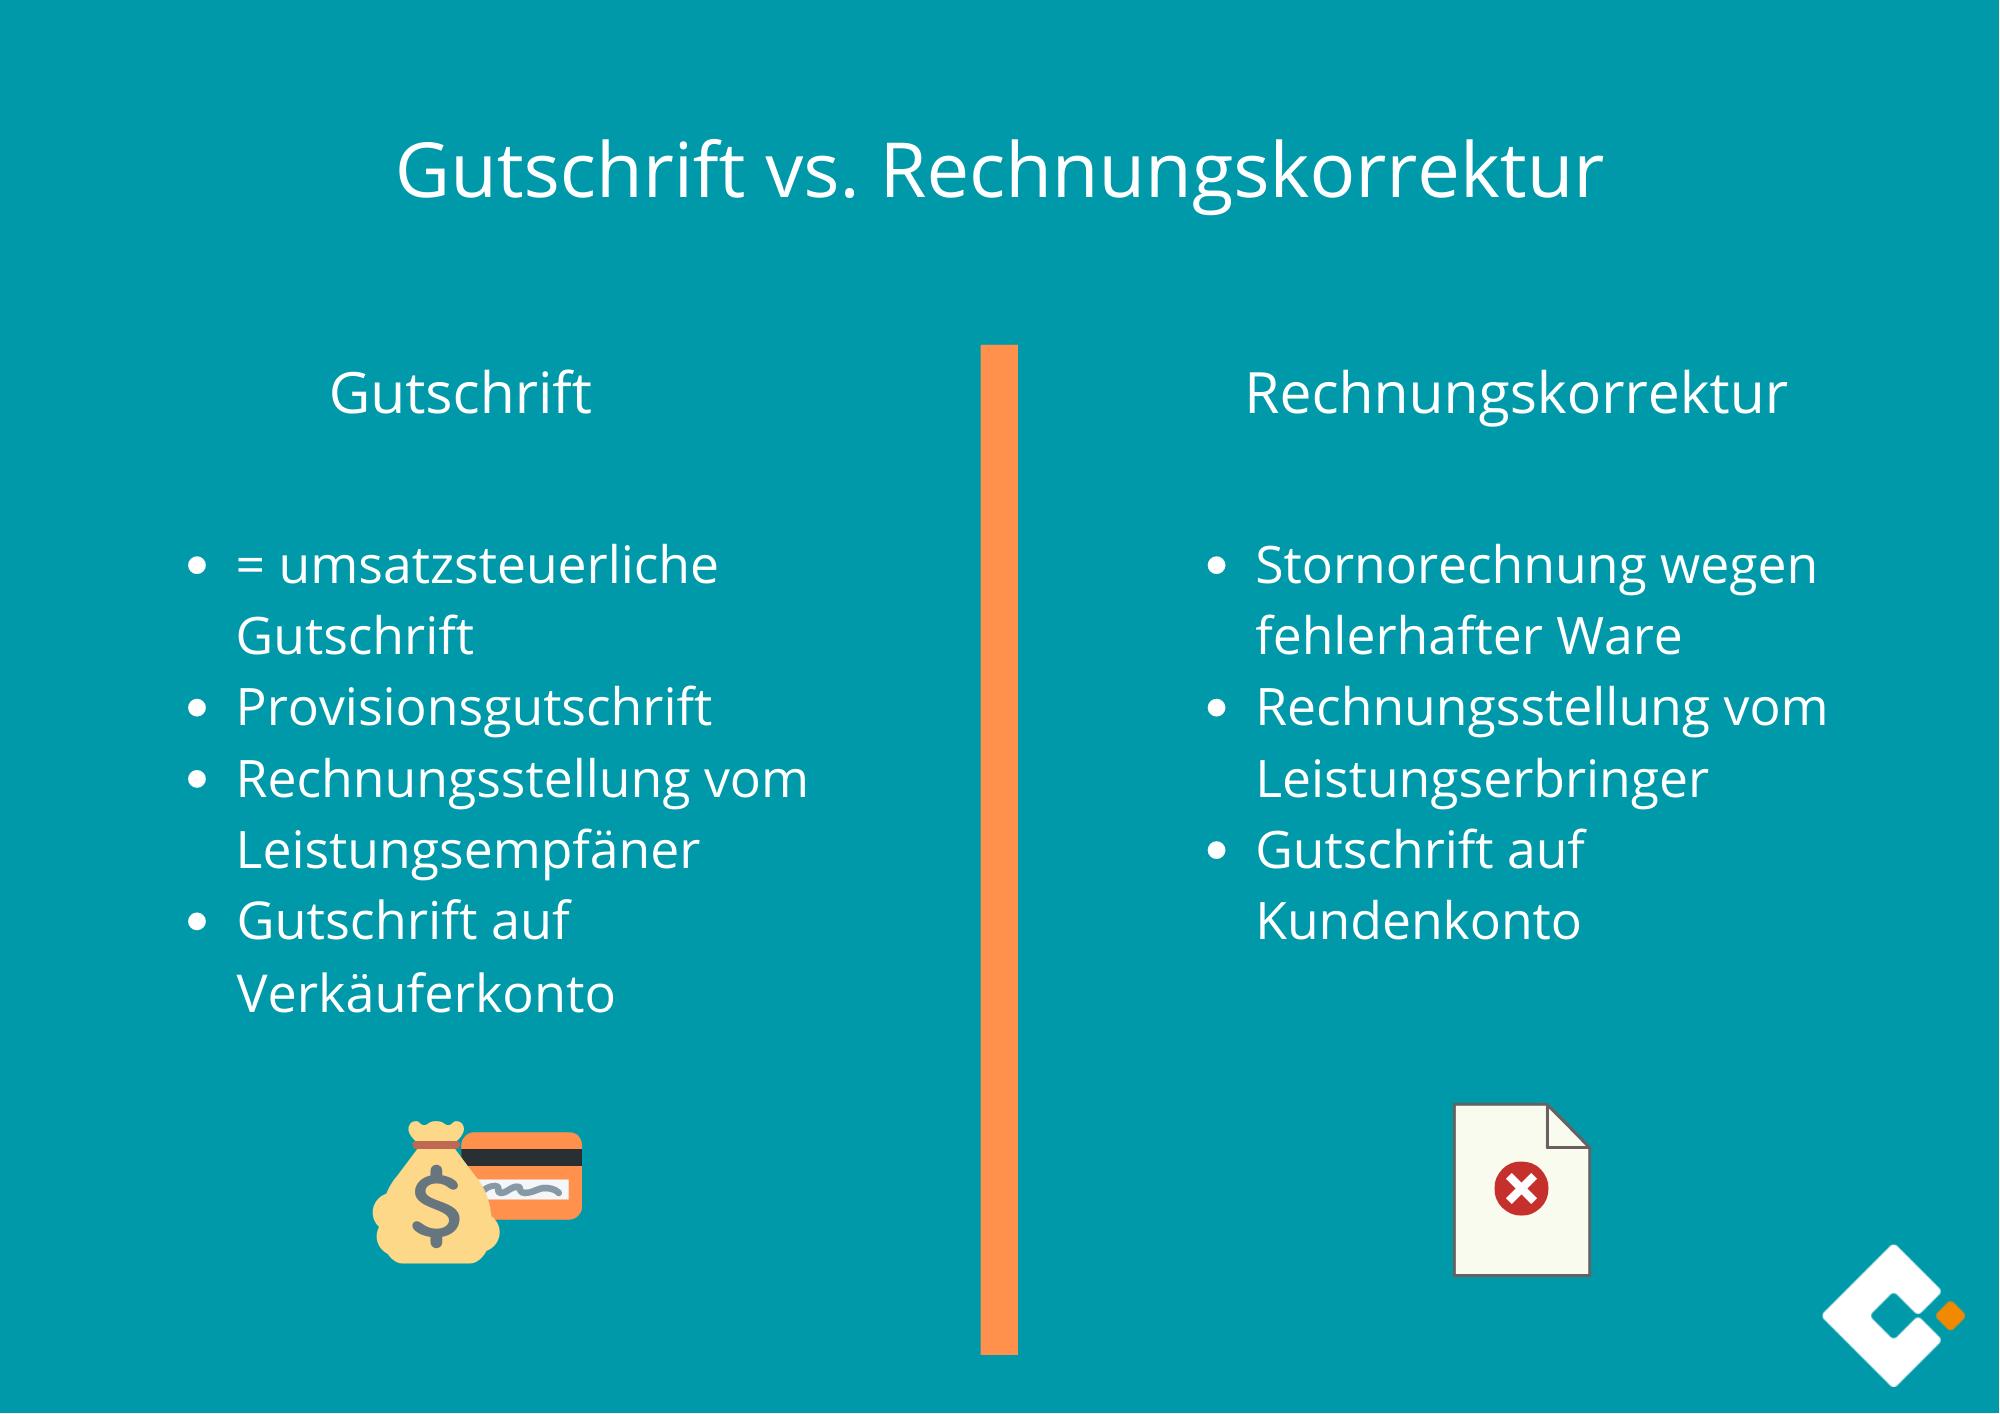 Gutschrift vs. Rechnungskorrektur